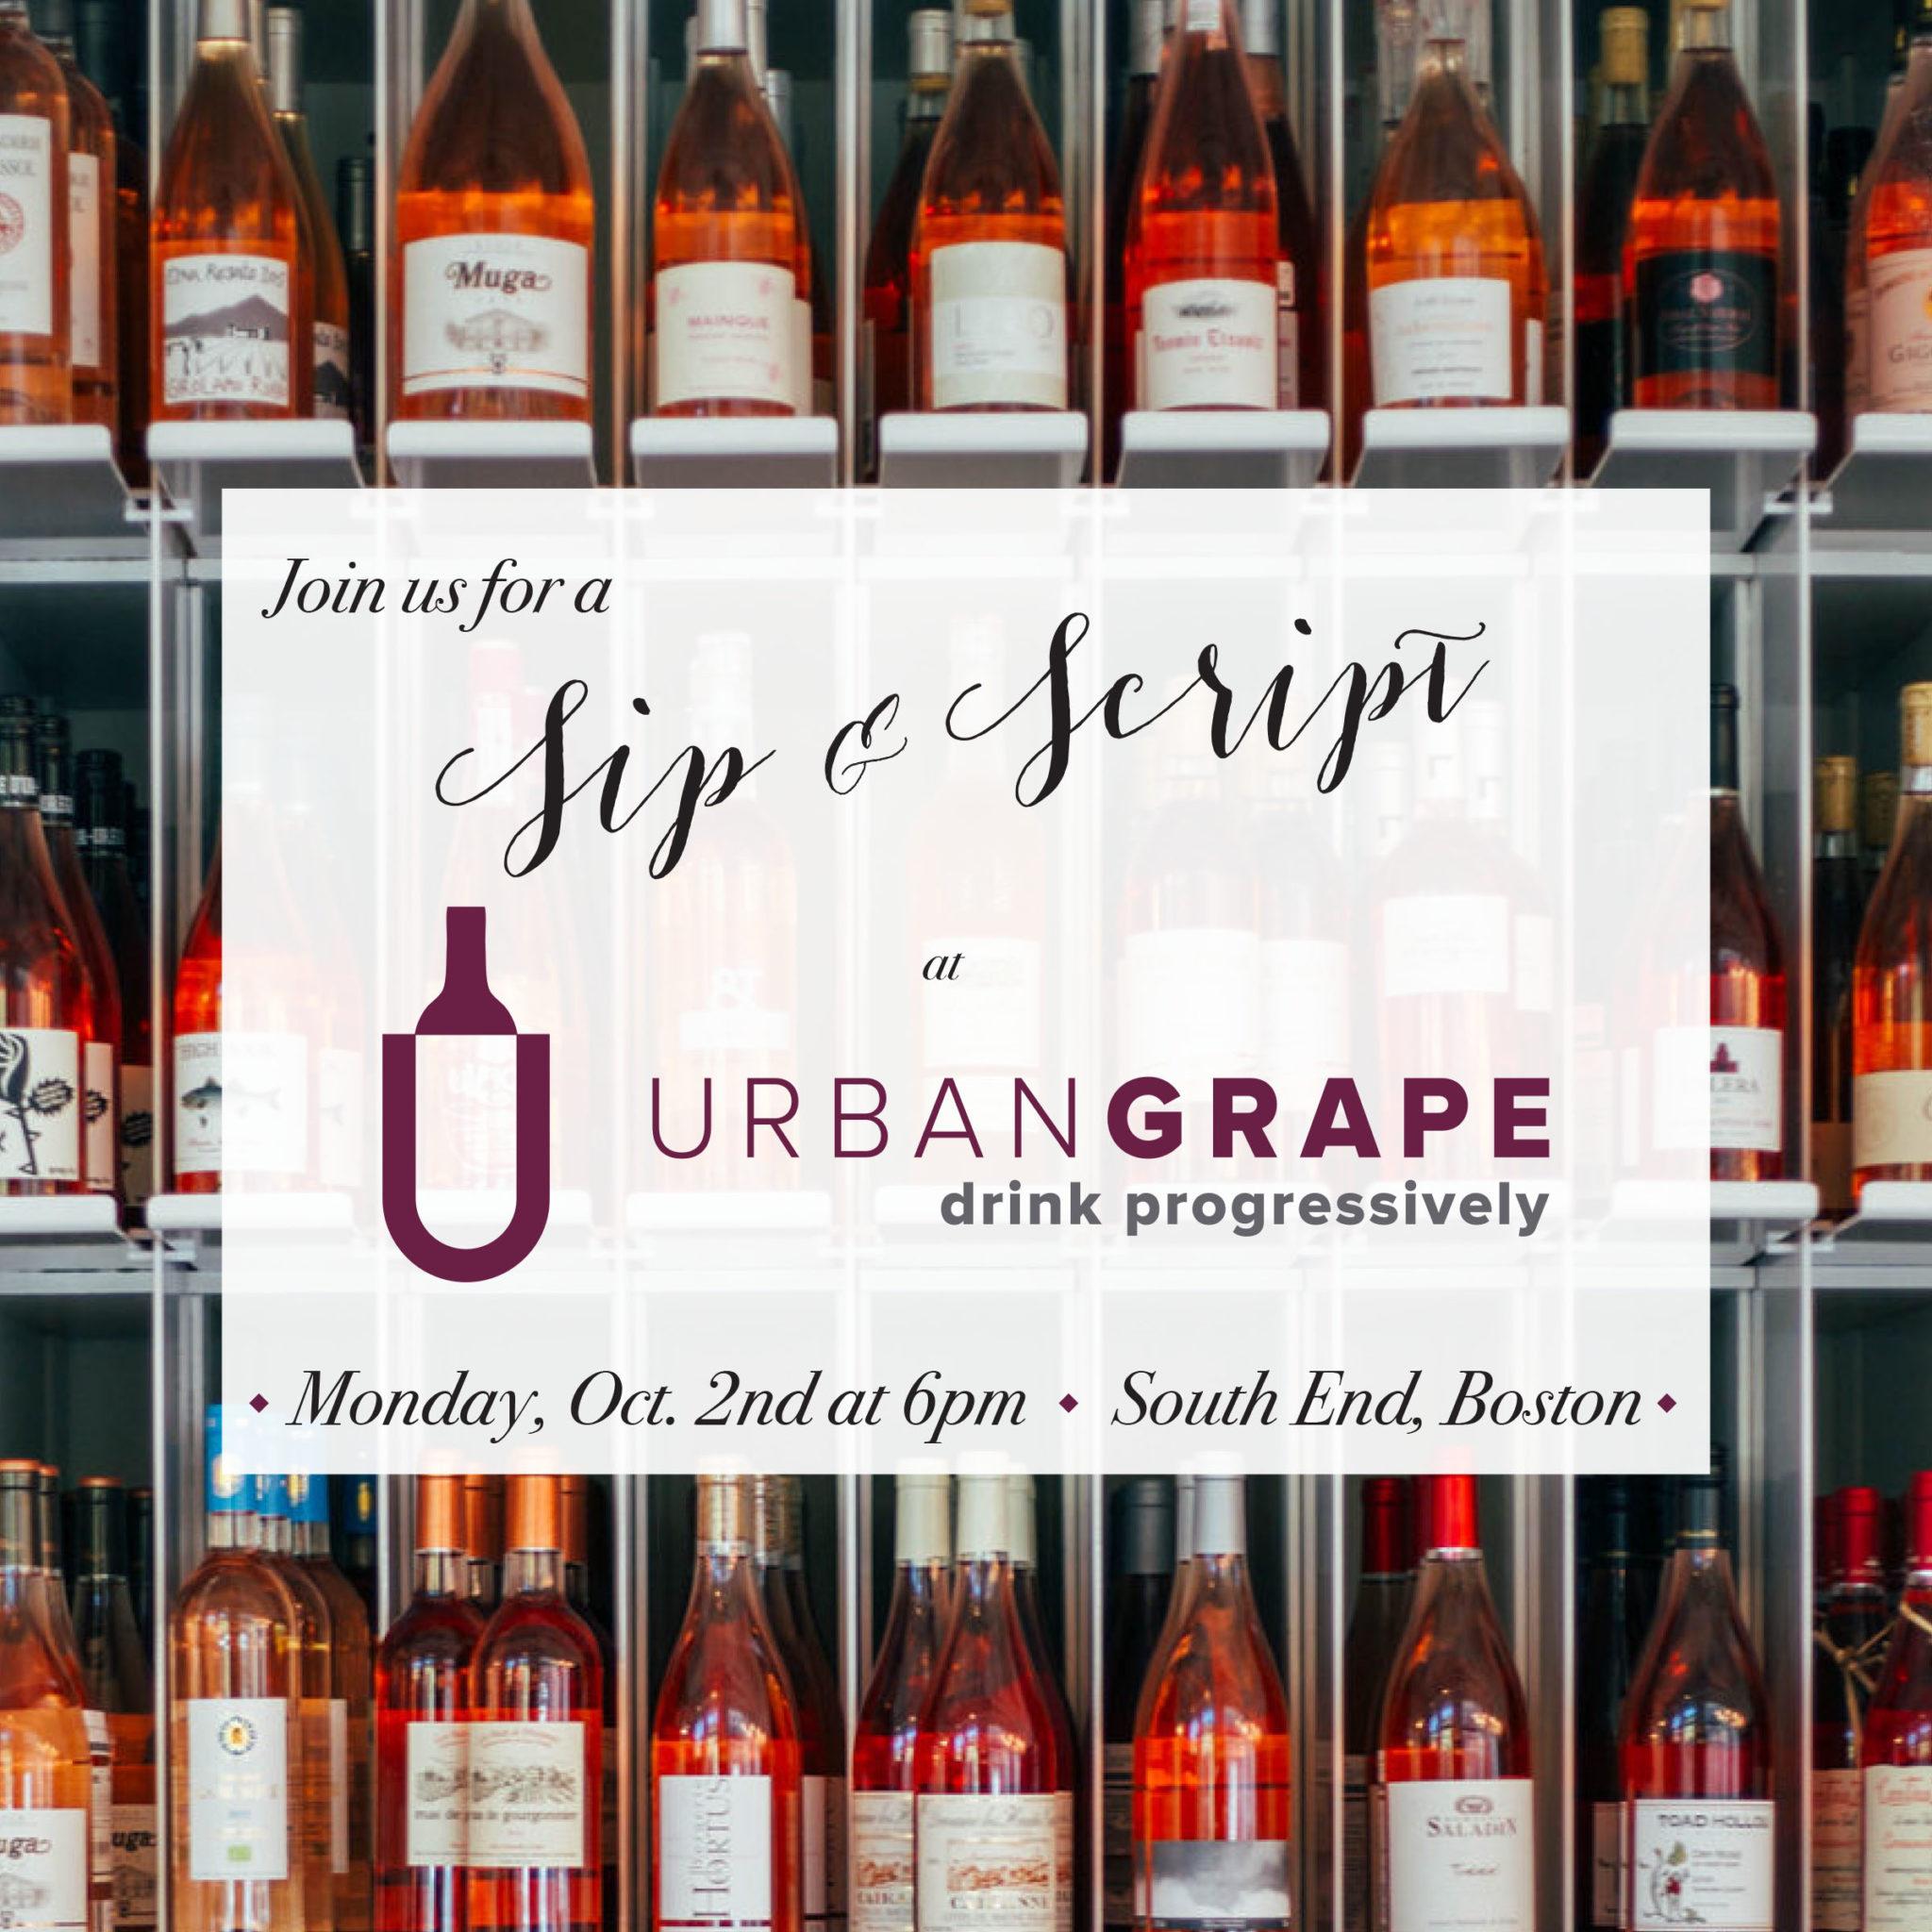 Urban Grape Sip & Script